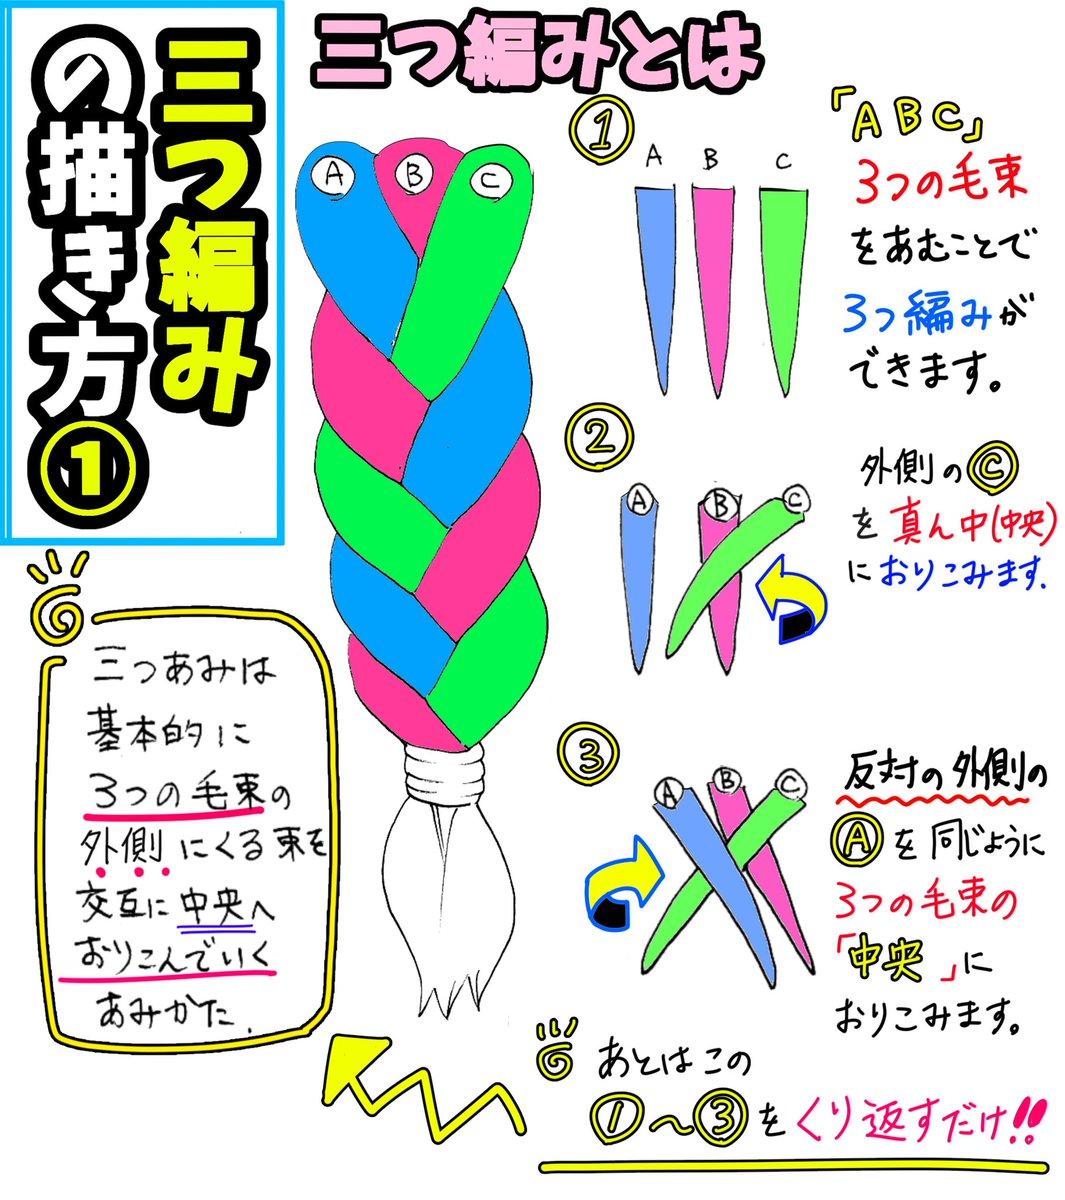 吉村拓也fanboxイラスト講座 On Twitter マフラーの描き方